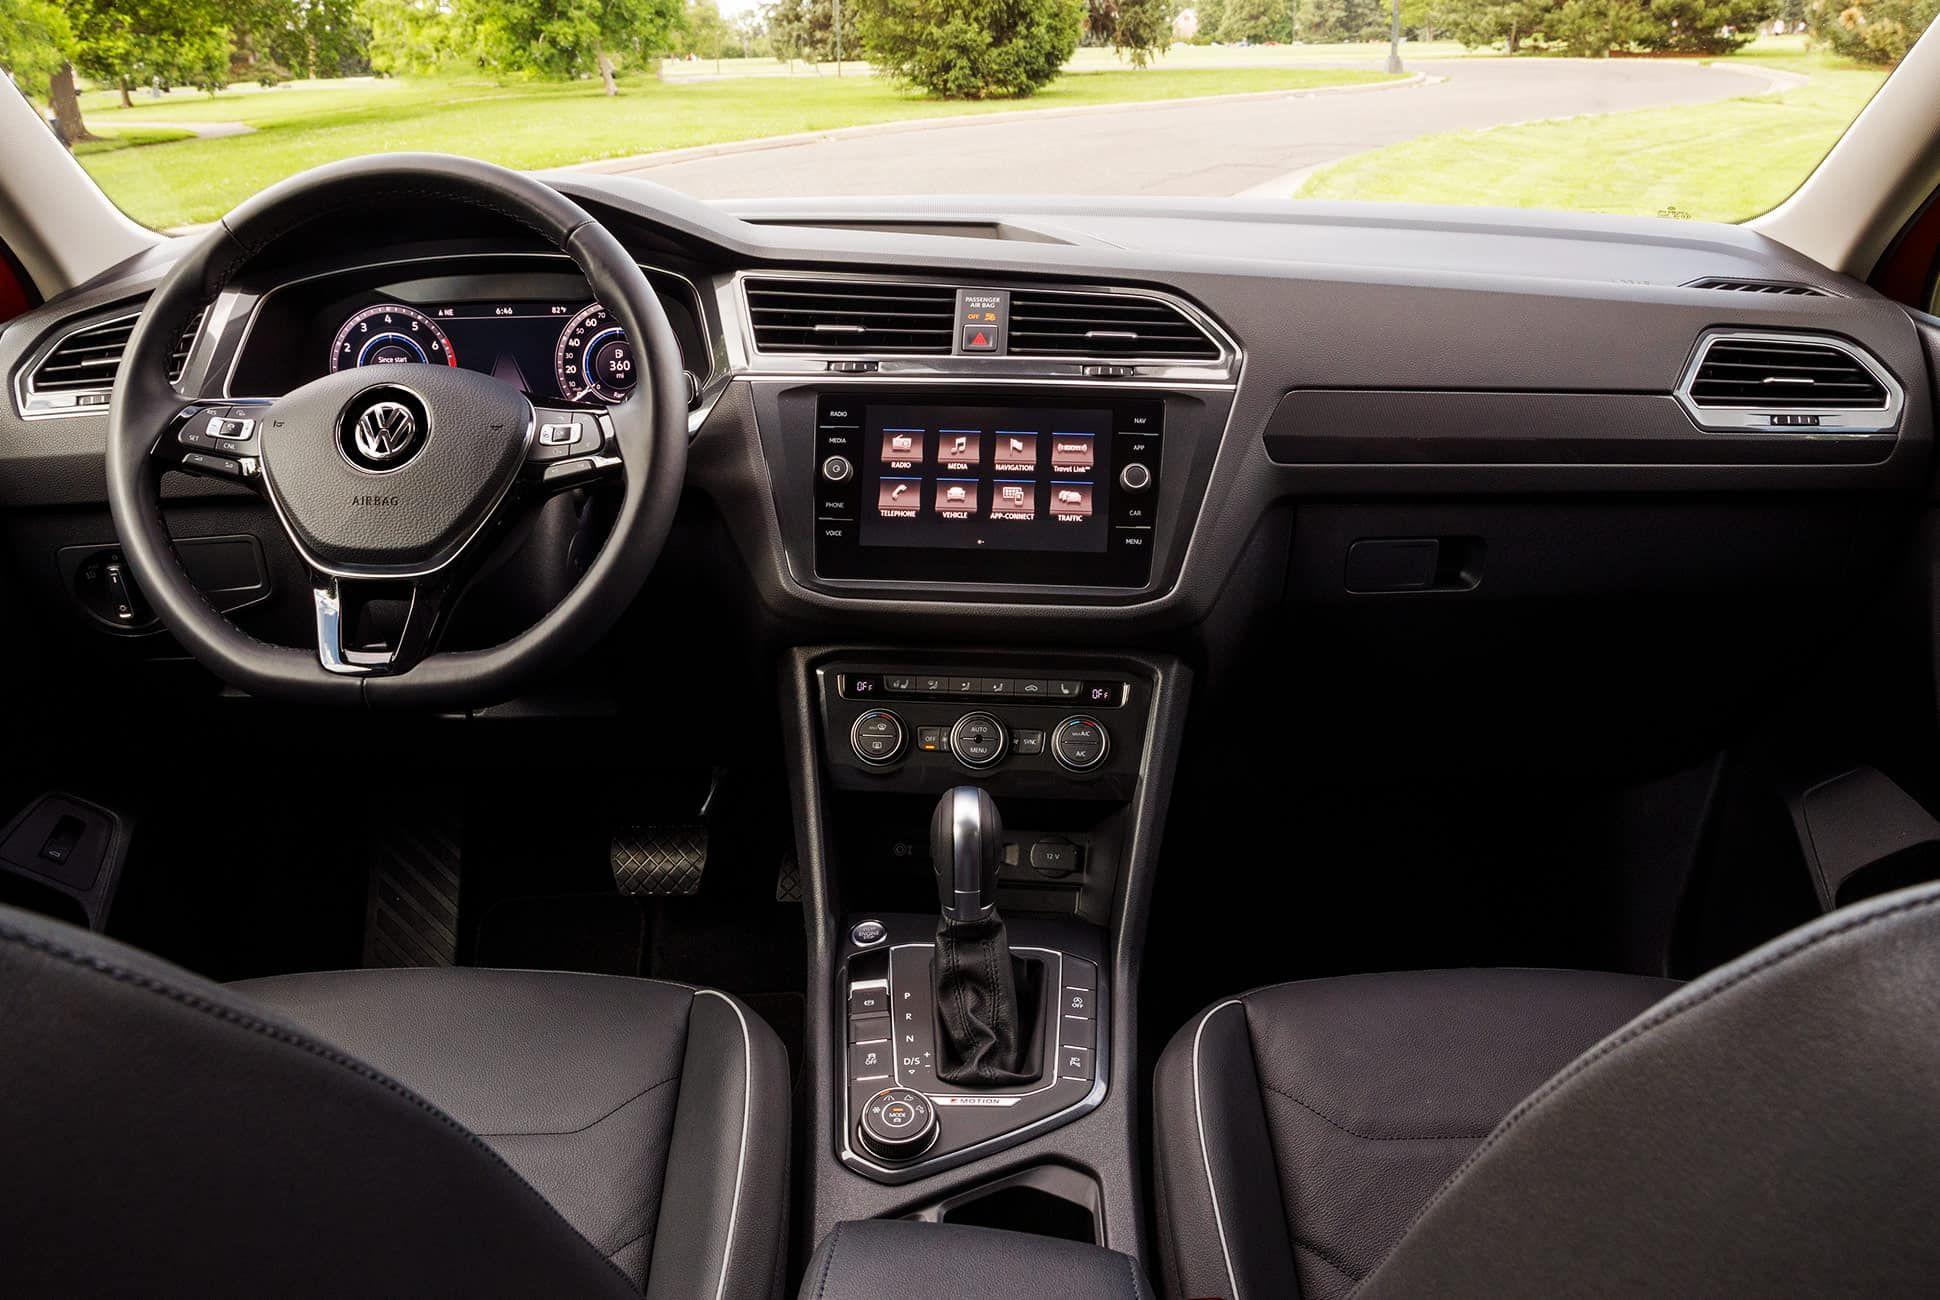 Volkswagen-Tiguan-Review-gear-patrol-slide-6